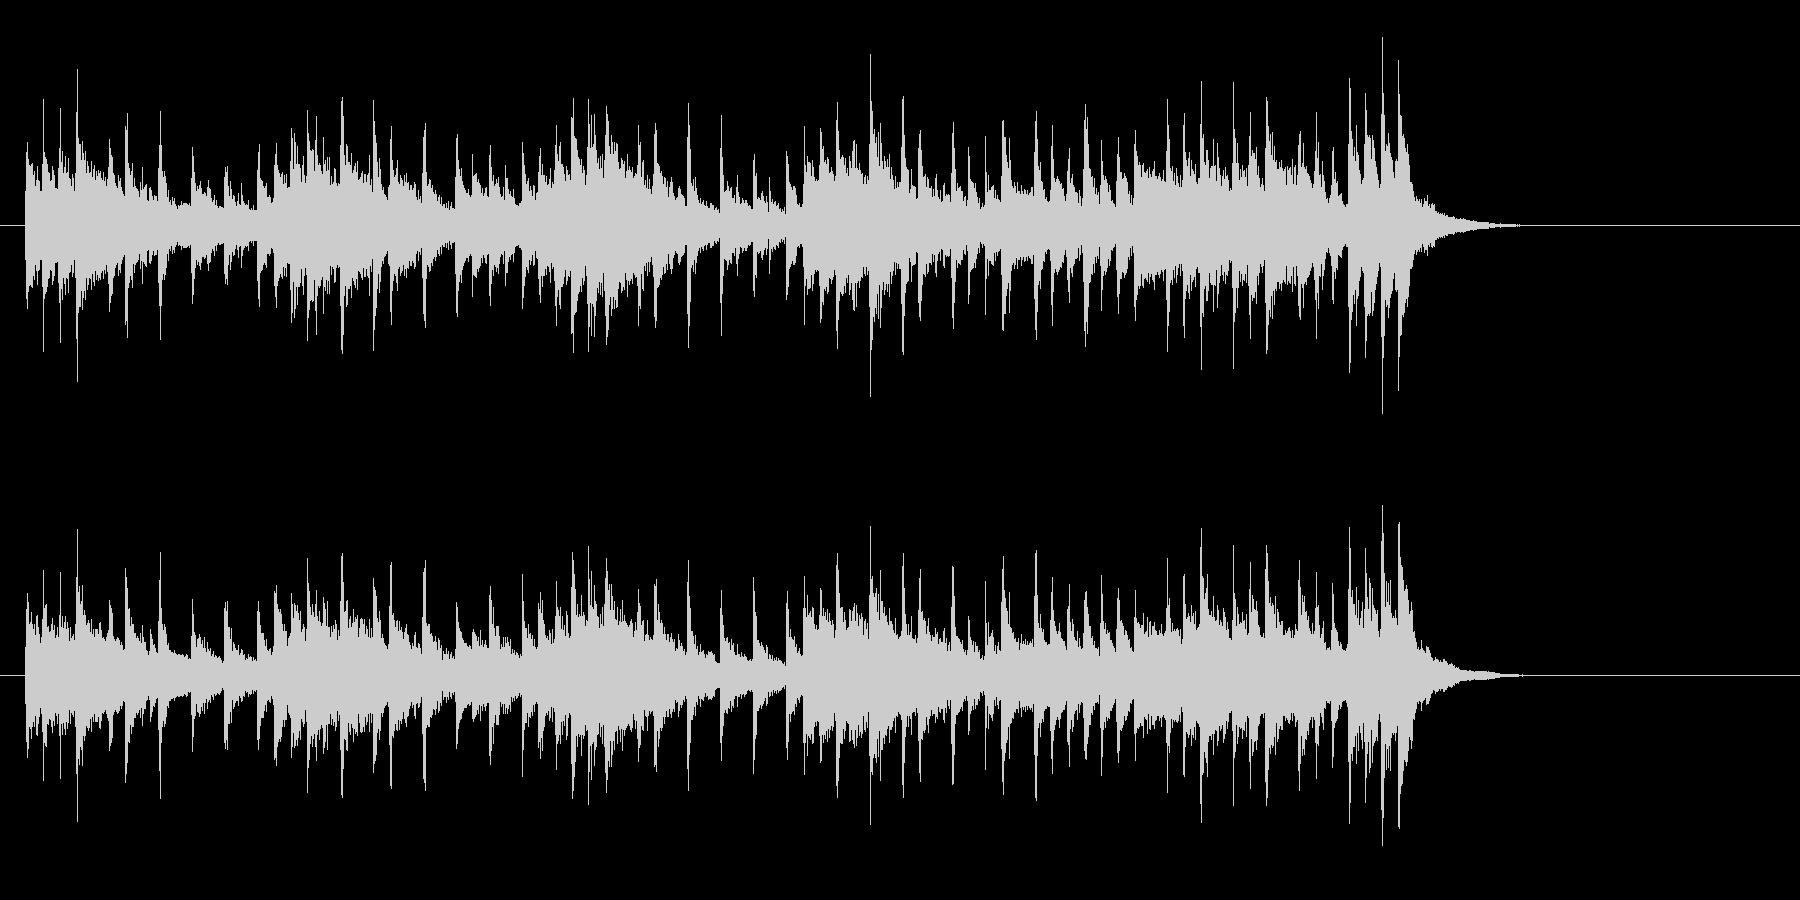 遊戯感覚シーズン・ミュージックの未再生の波形